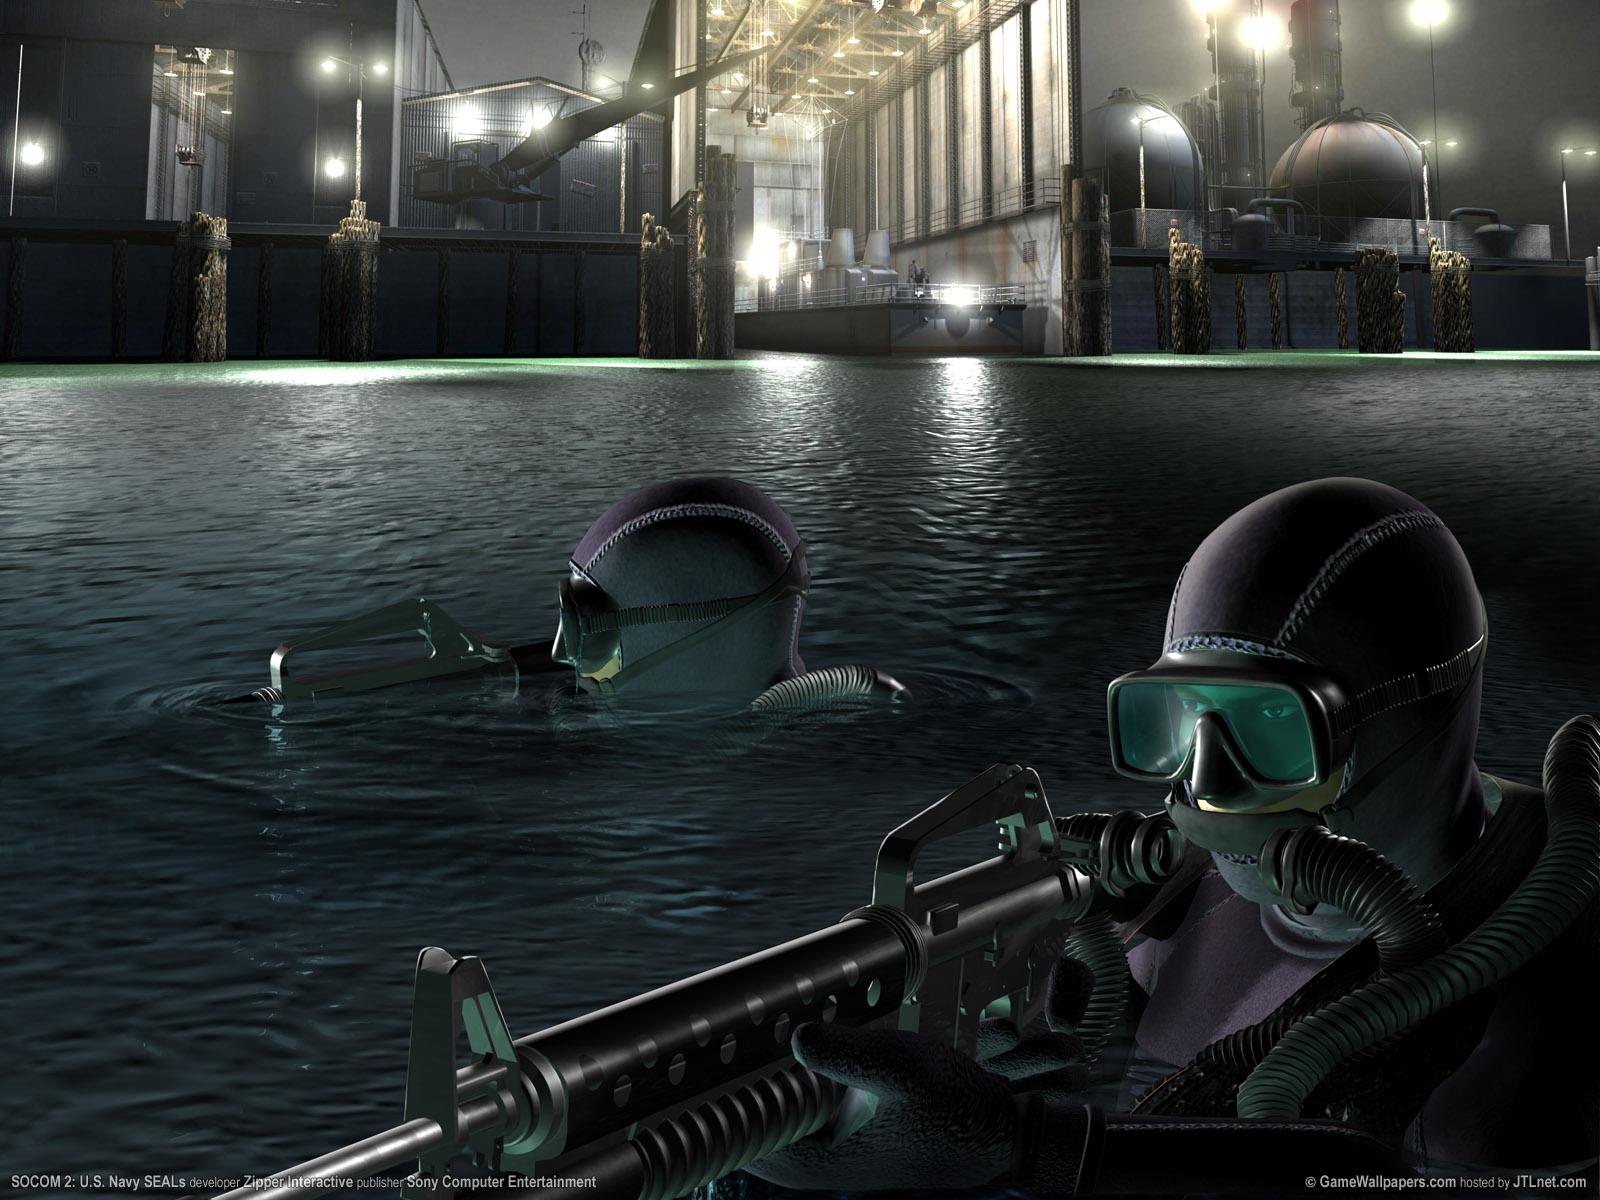 1600x1200 SOCOM 2 Navy Seals desktop PC and Mac wallpaper 1600x1200